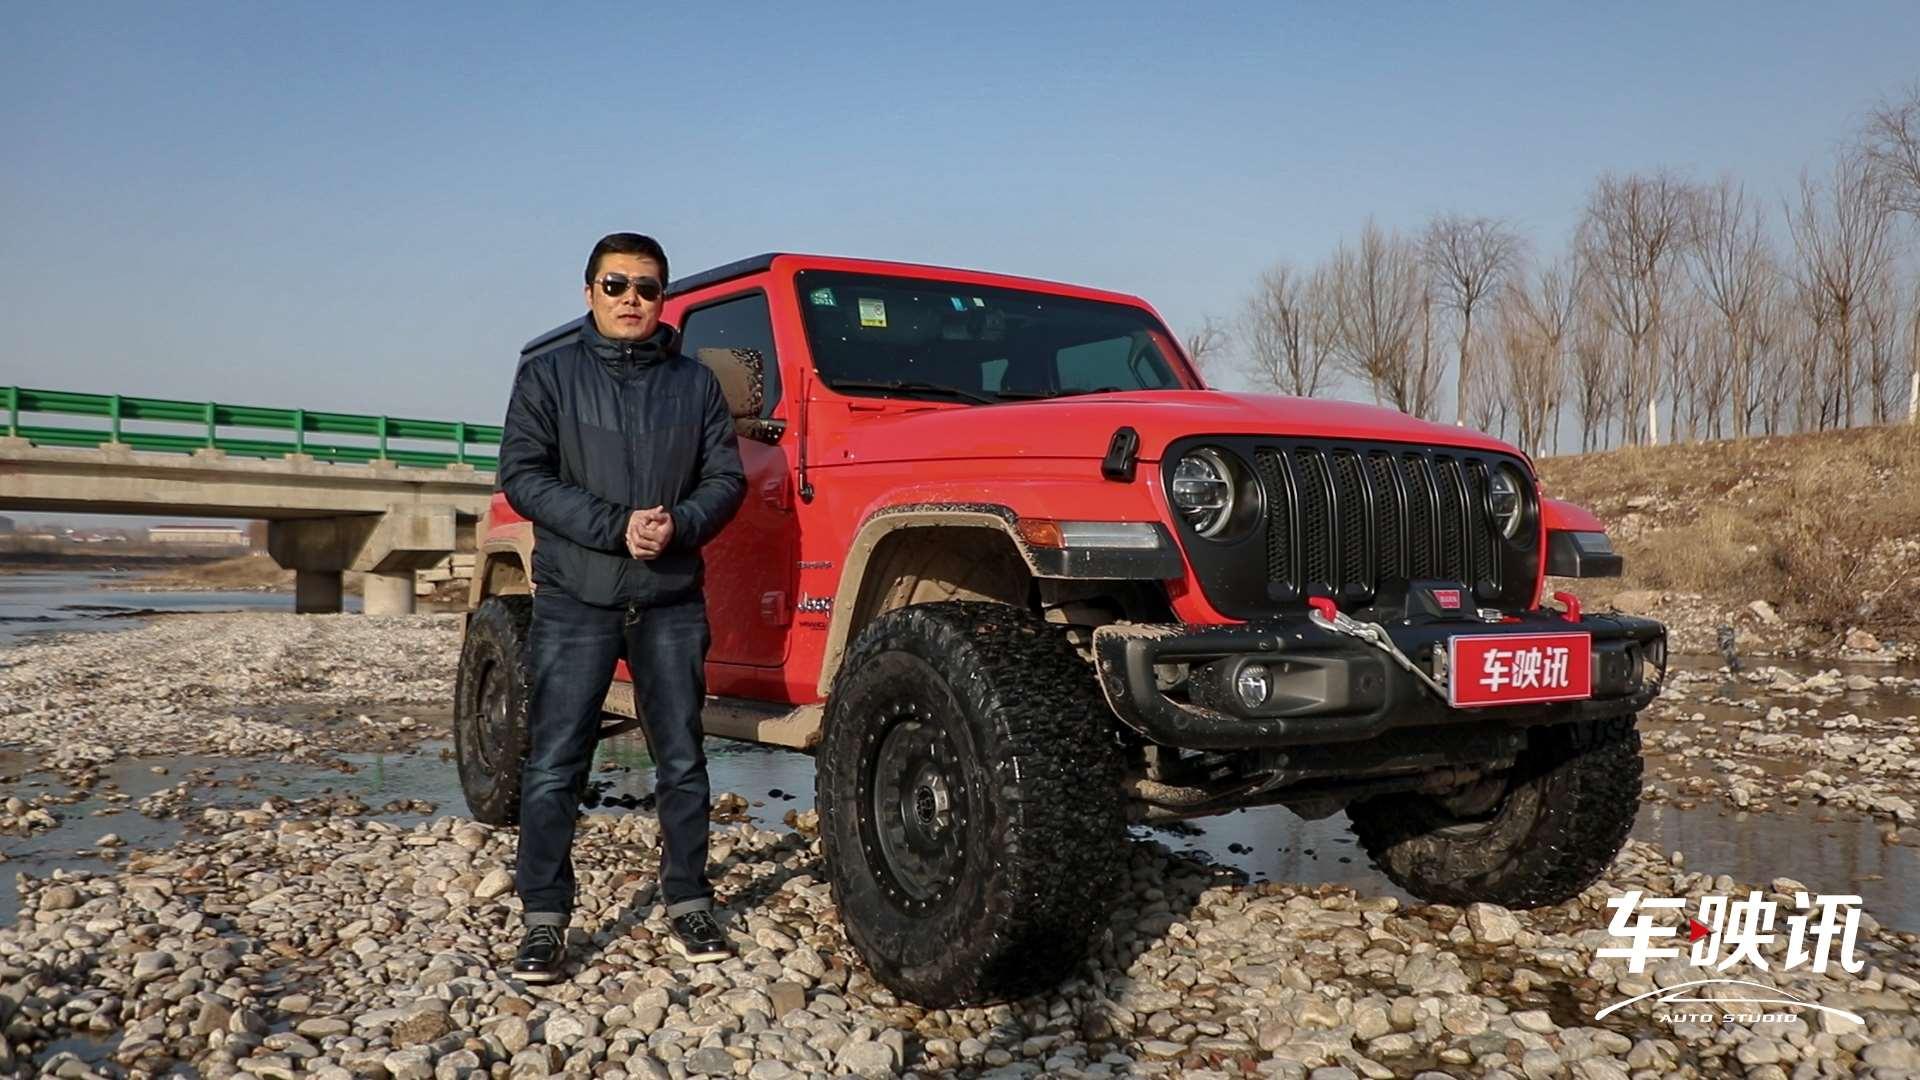 只为征服天地!试驾全新Jeep牧马人才明白,为何它的经典无可代替